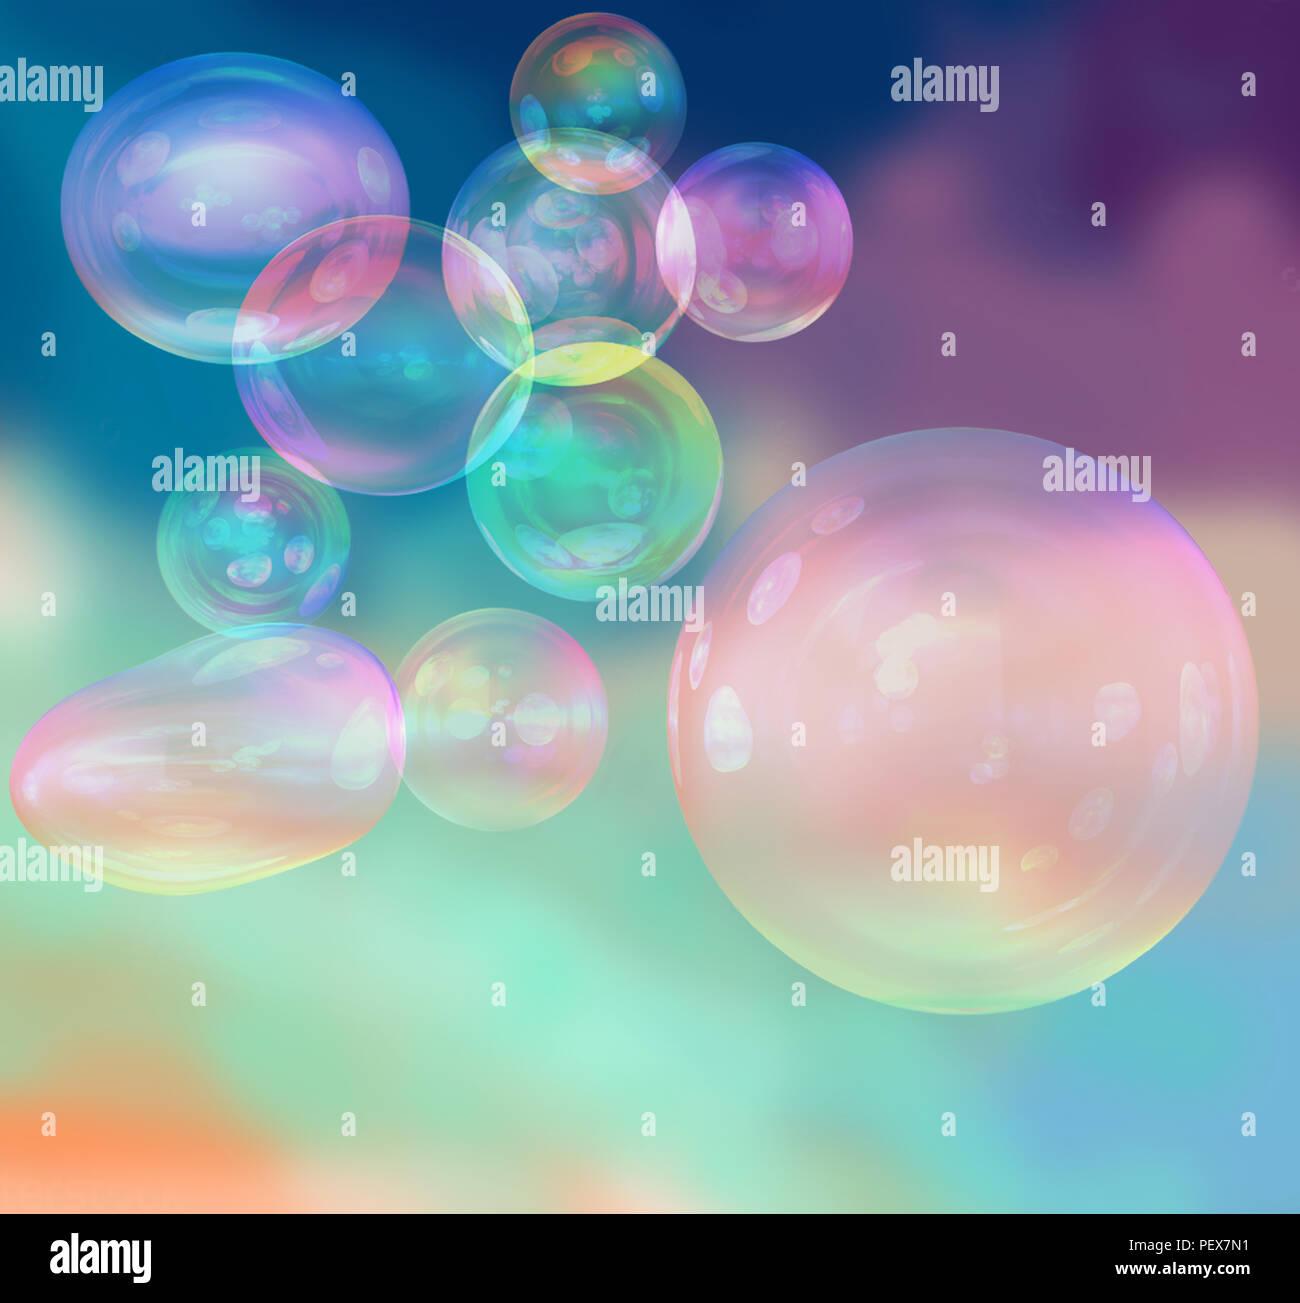 Schöne schillernde Seifenblasen auf farbigen Hintergrund, 3D-Rendering Stockfoto